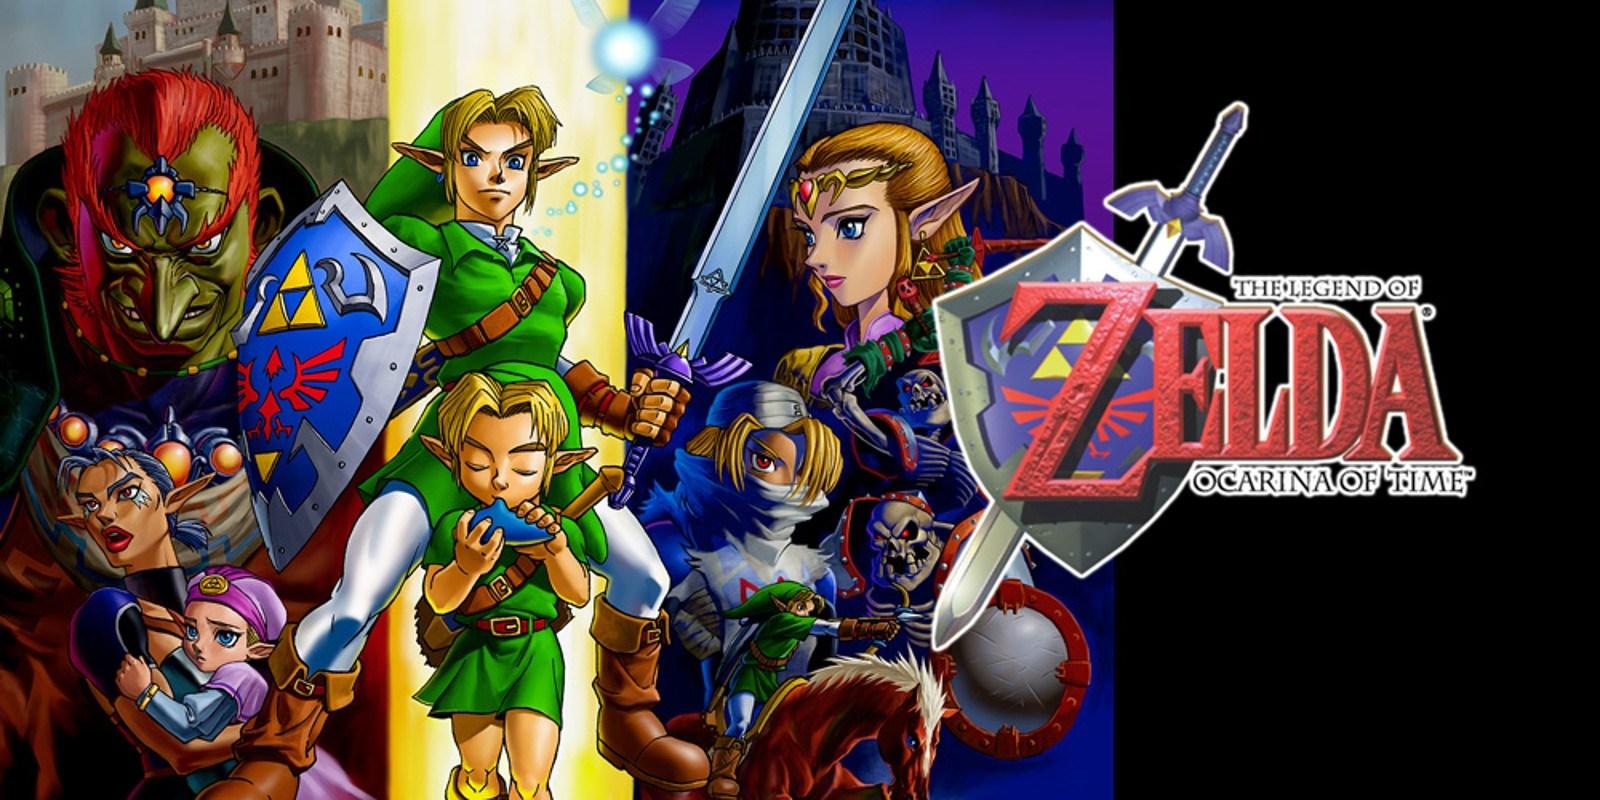 Sống lại câu chuyện với Zelda Ocarina từ Time ROM Tây Ban Nha 2